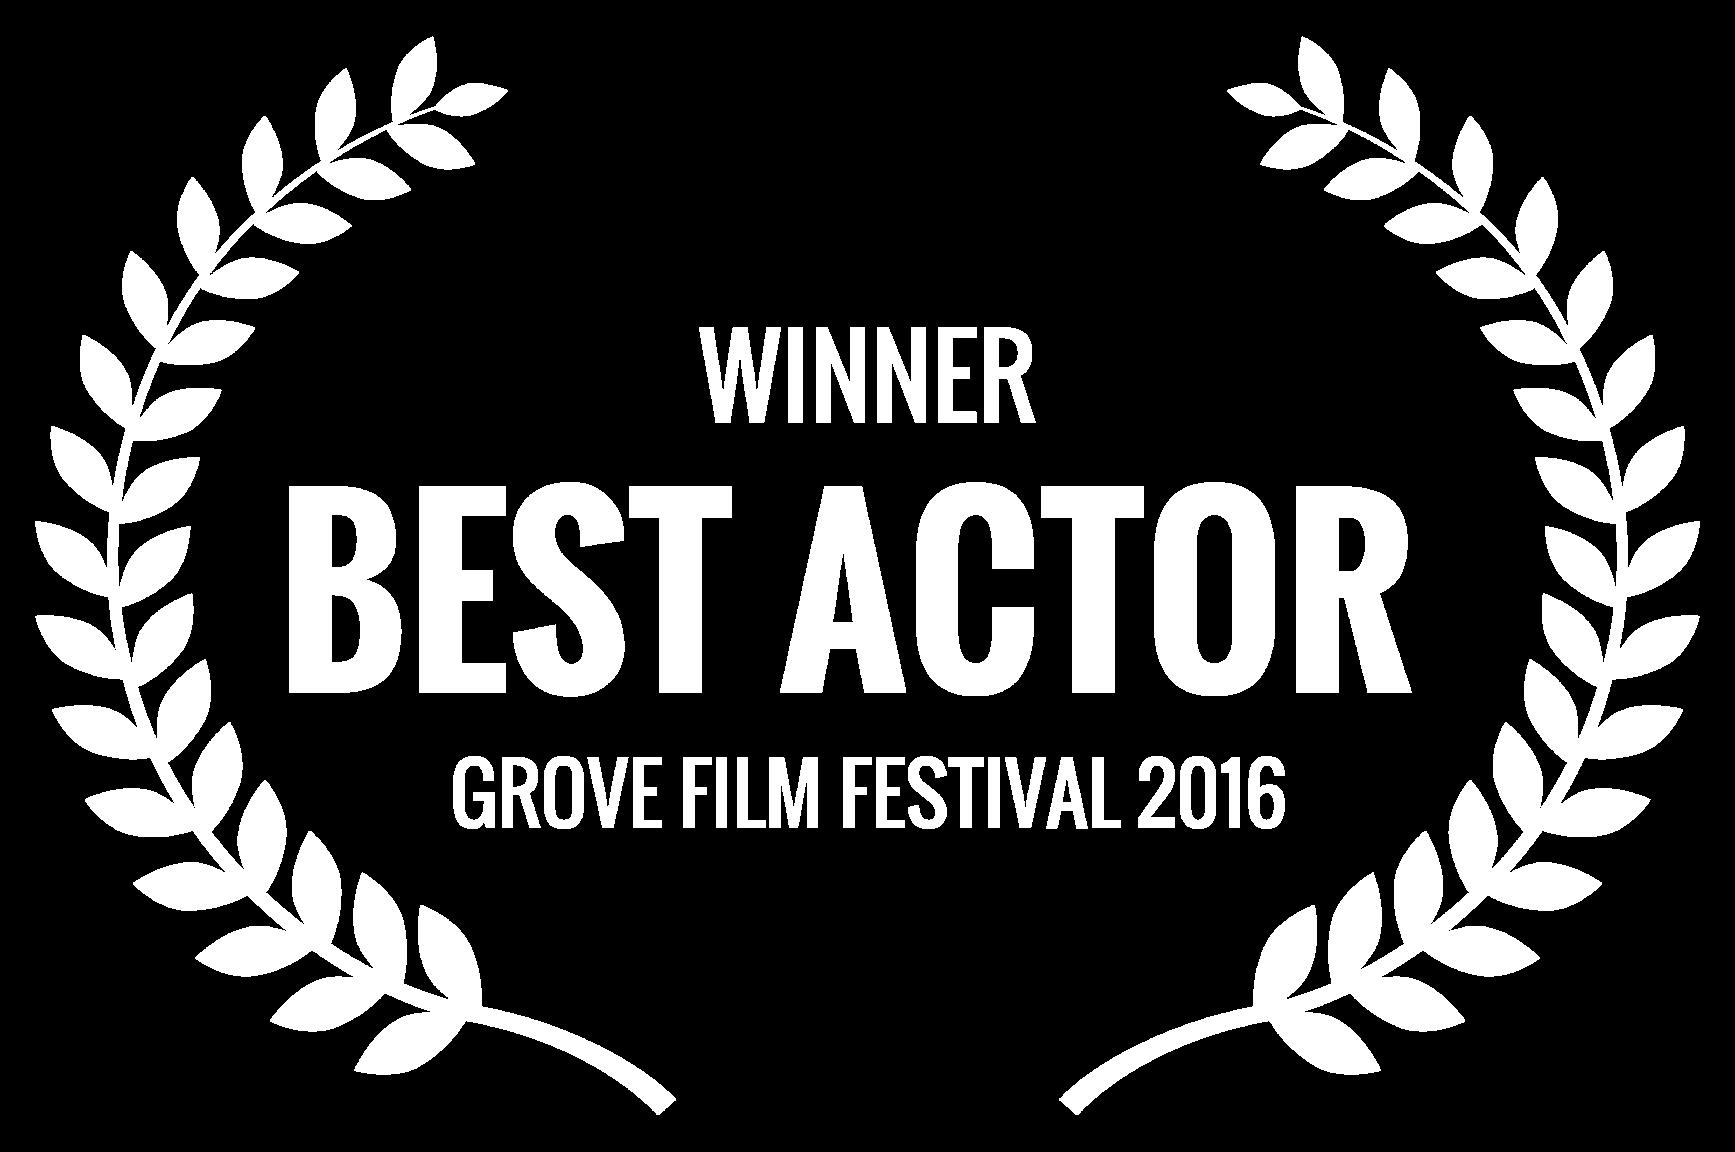 WINNER - BEST ACTOR  - GROVE FILM FESTIVAL 2016 (1).png